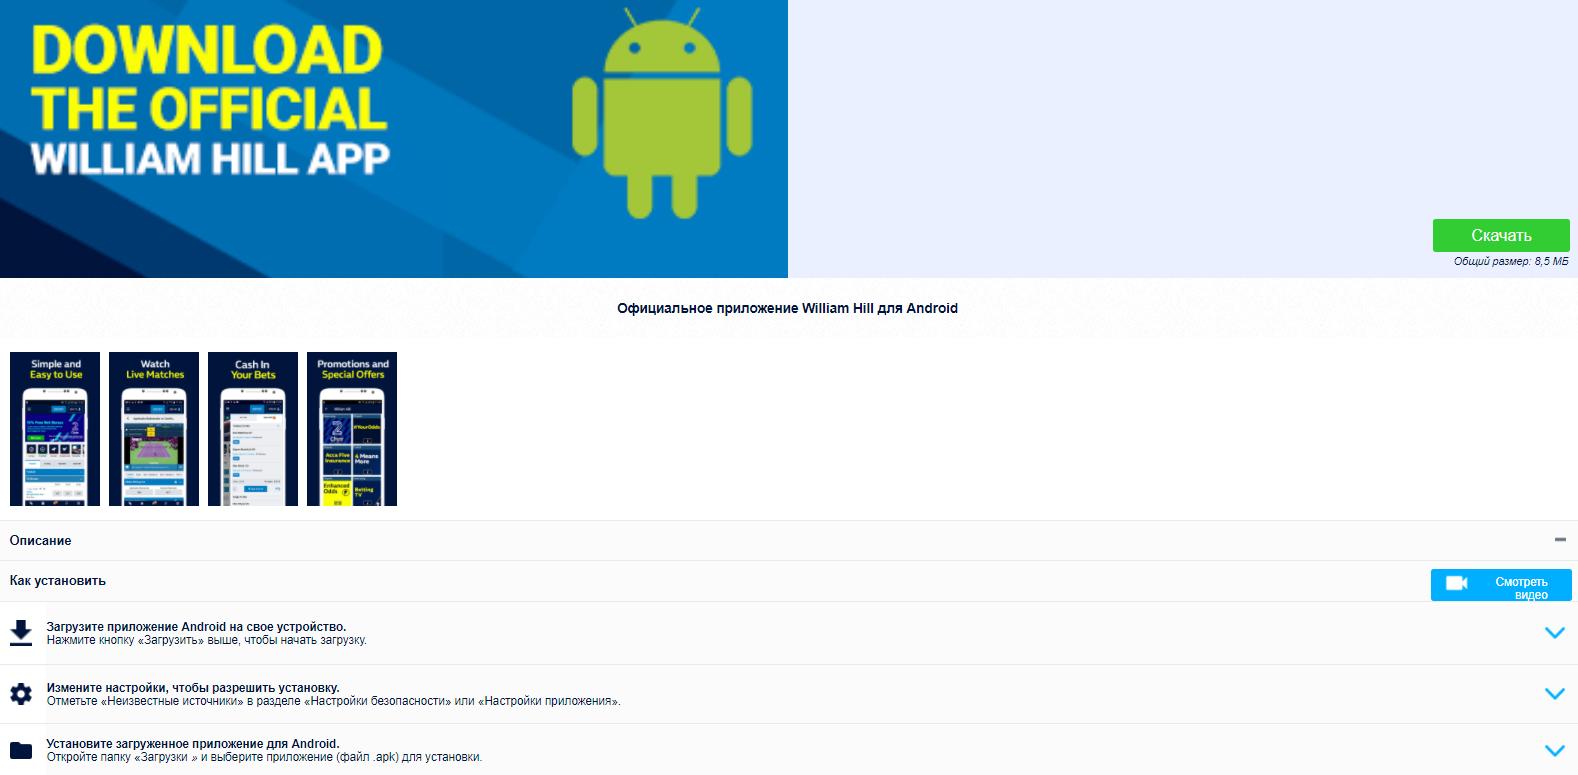 Как скачать и установить приложение William Hill для Андроид